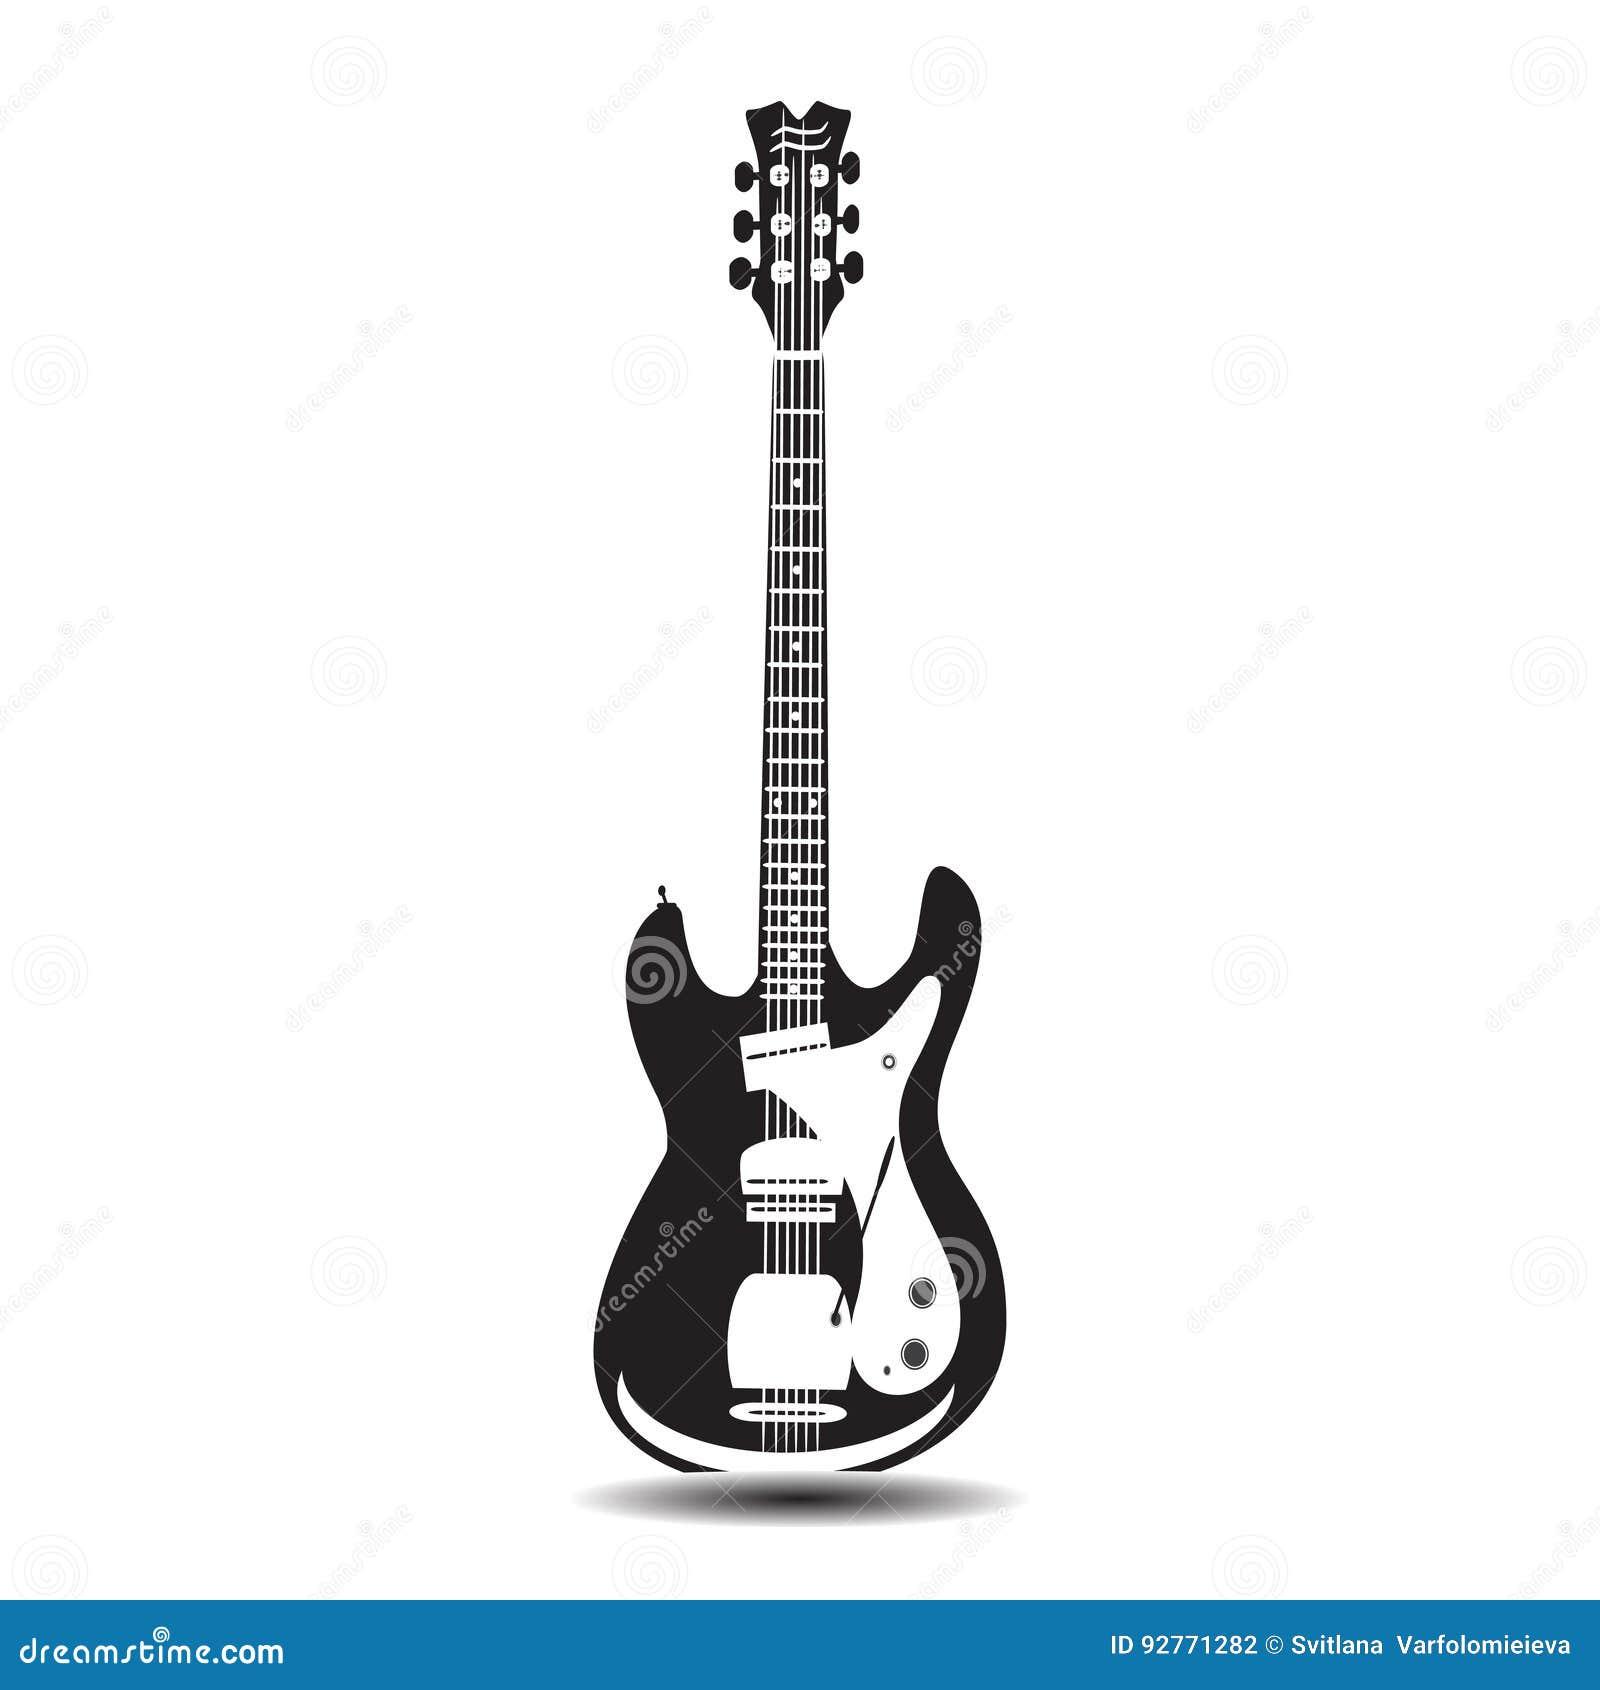 Vektorillustration av för elkraft gitarren solo i plan stil